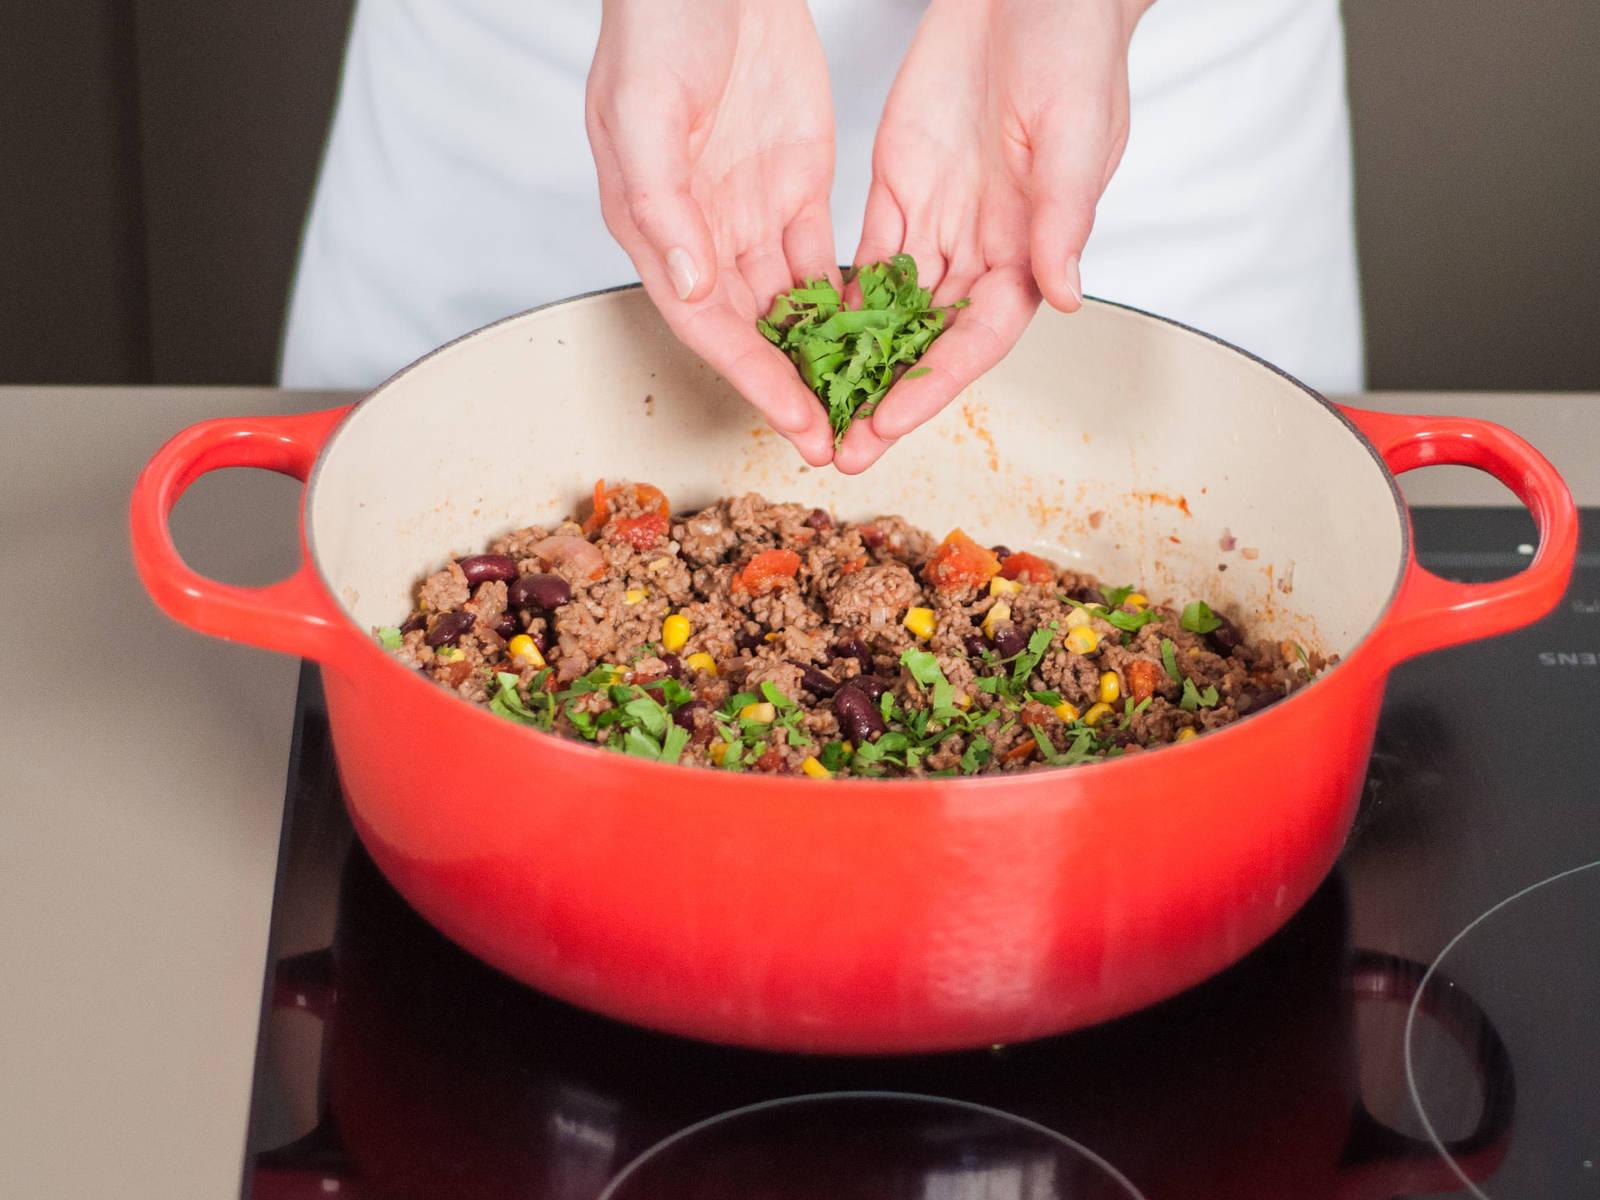 停止加热,加入切好的香菜,搅拌均匀后备用。